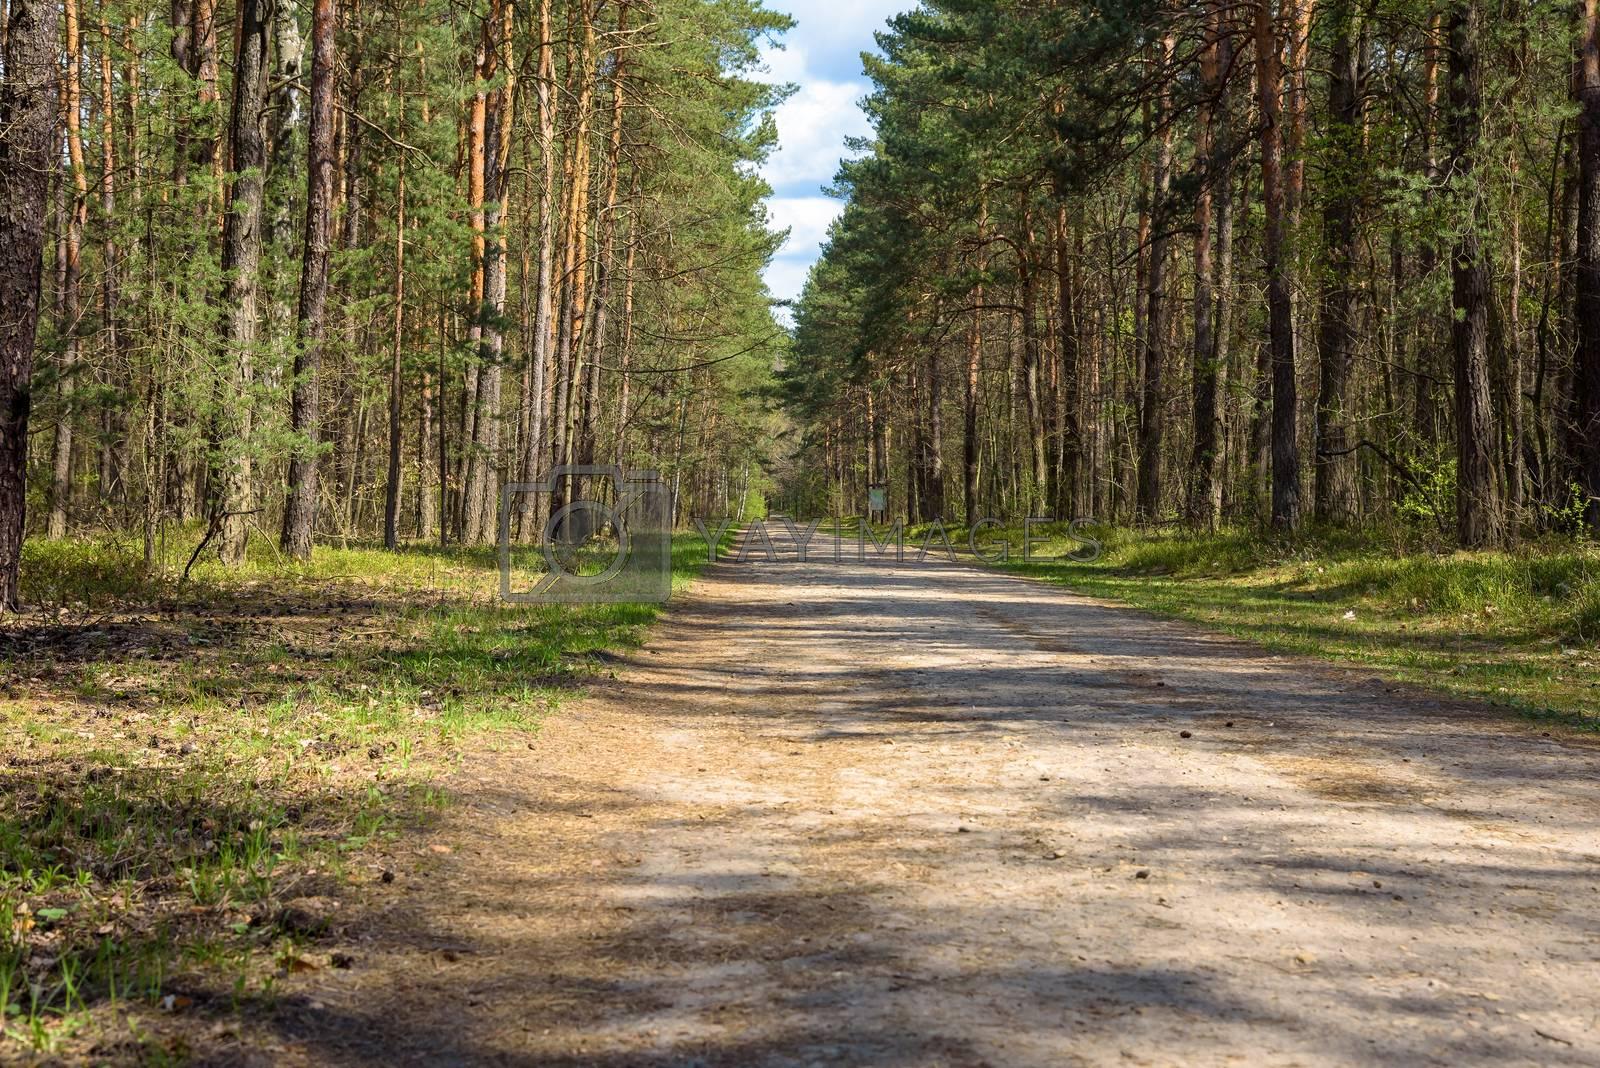 Forest road in Zabnik river valley reserve in Jaworzno in Poland at spring sunny day